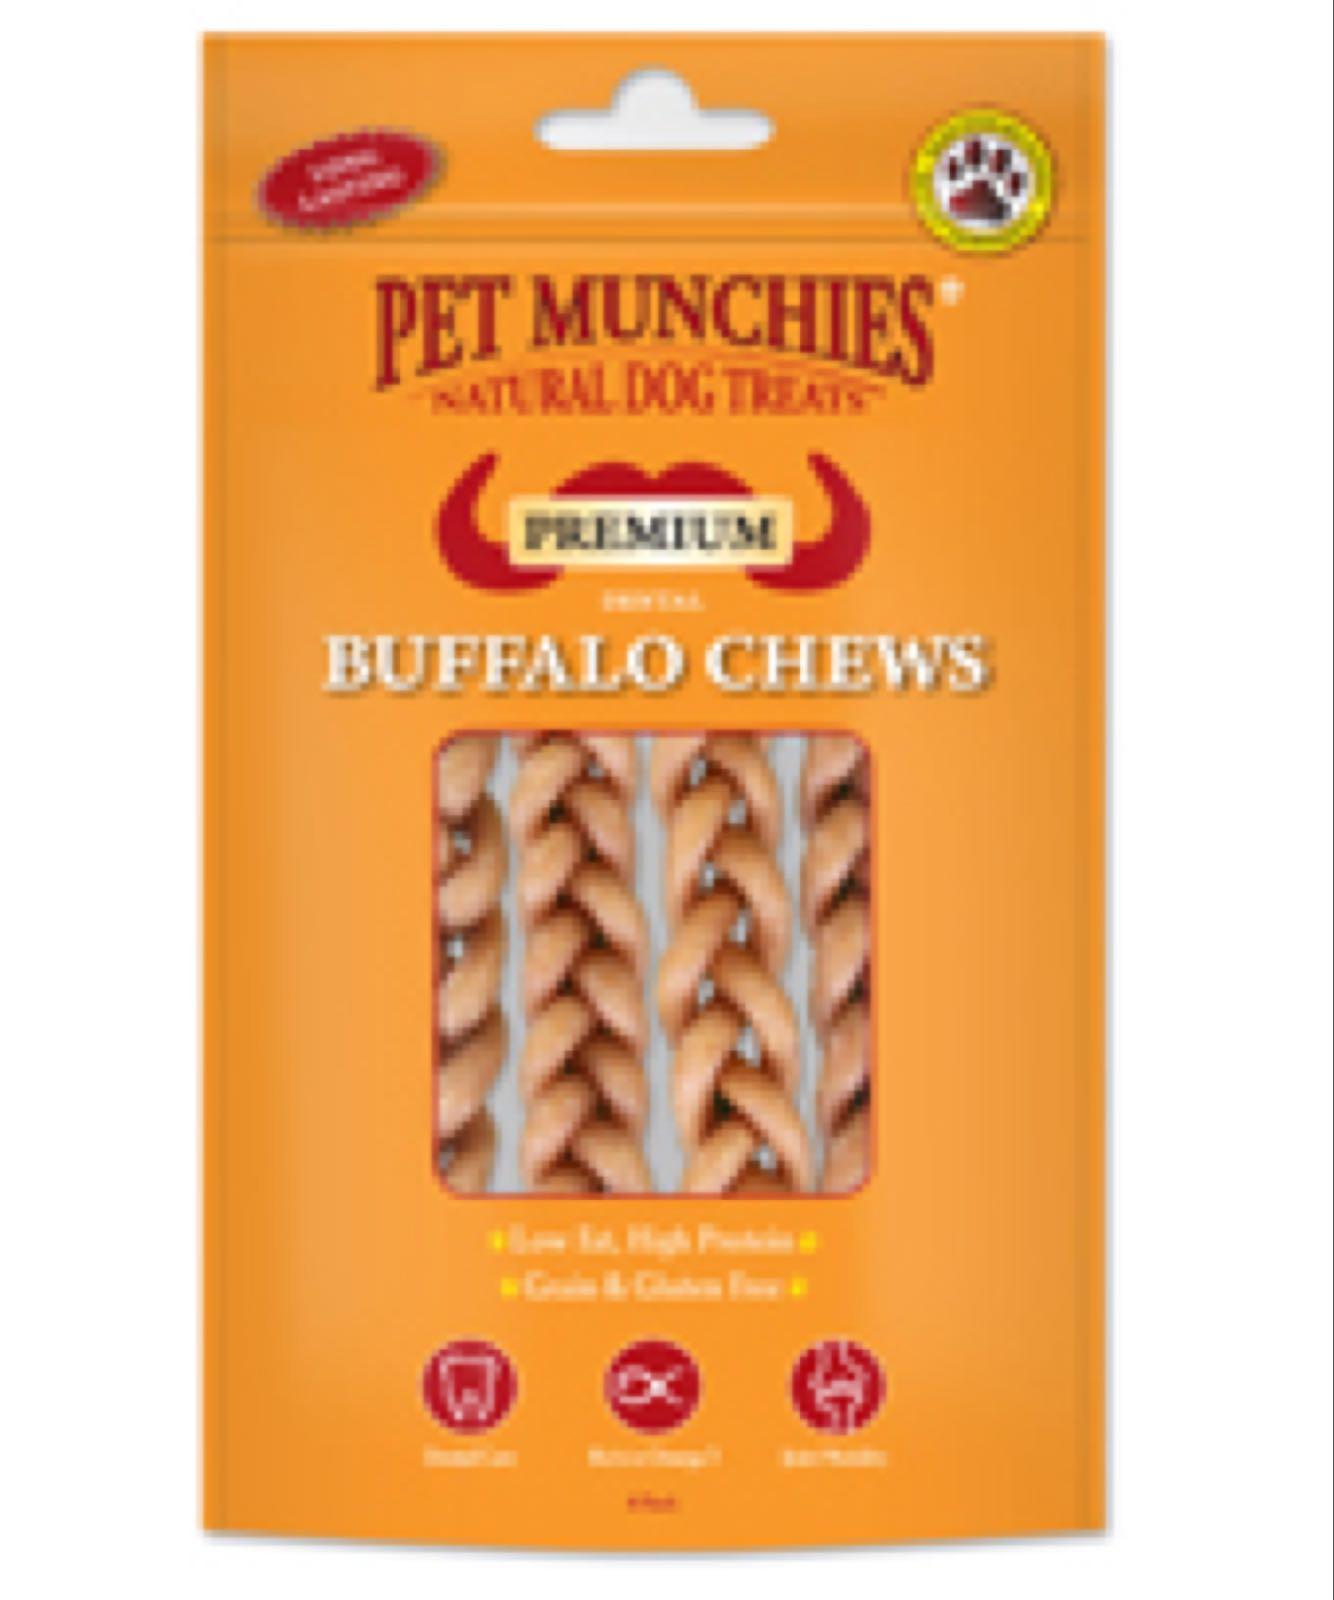 Buffalo Dental Chew (Pet munchies)